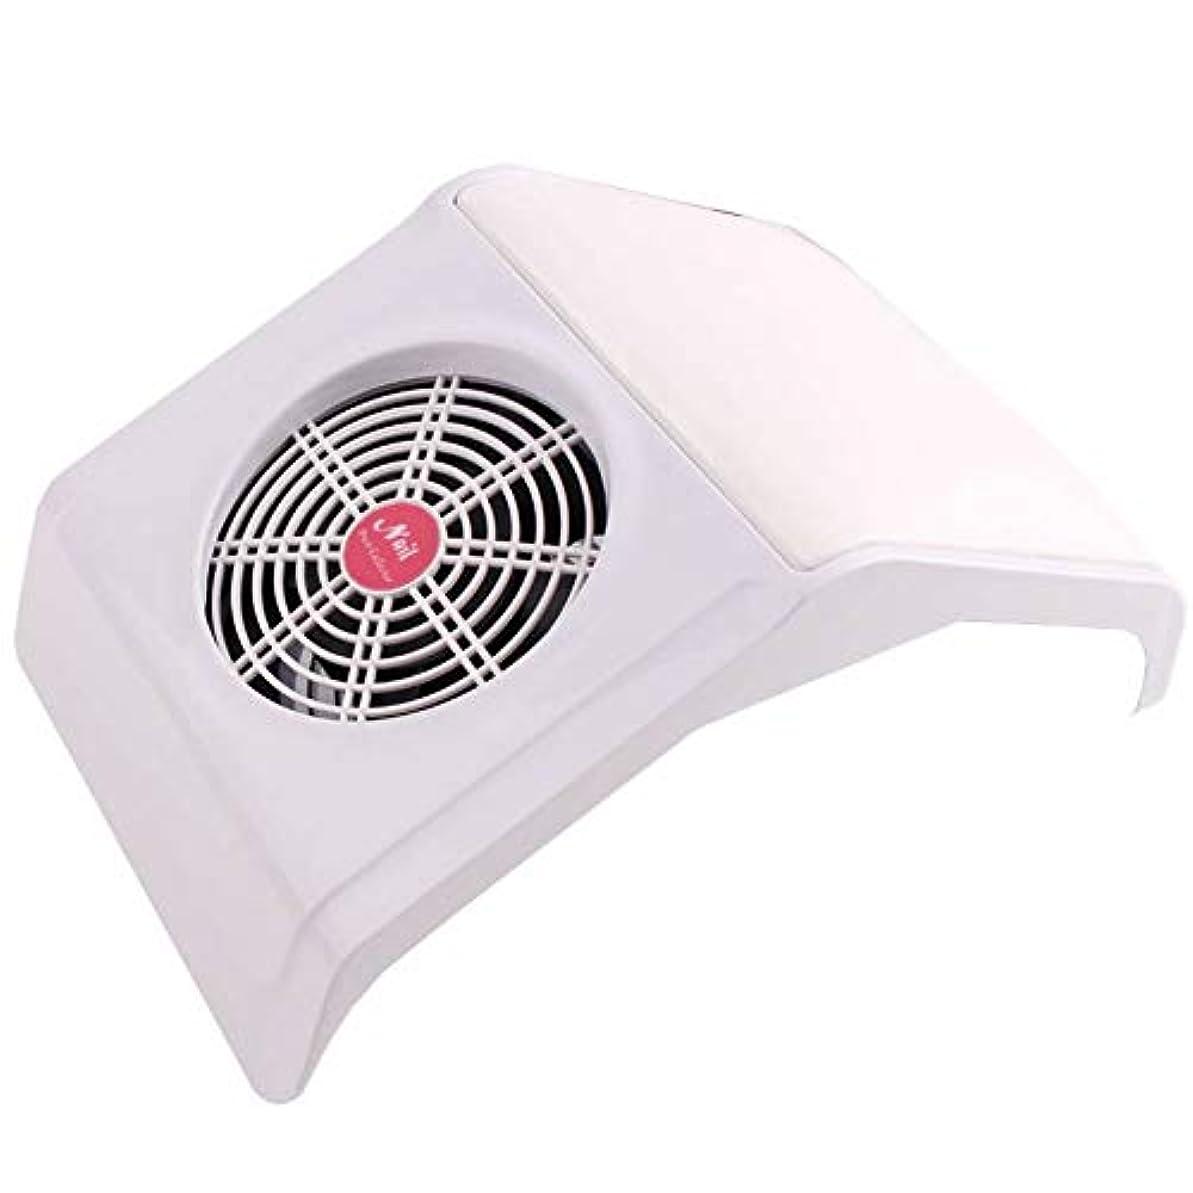 腐敗オーロック表示30Wネイルダストコレクター吸引ファンネイル掃除機2個付きほこりバッグを集めるマニキュア機械道具ネイルアートマニキュアサロンツール (Color : White)